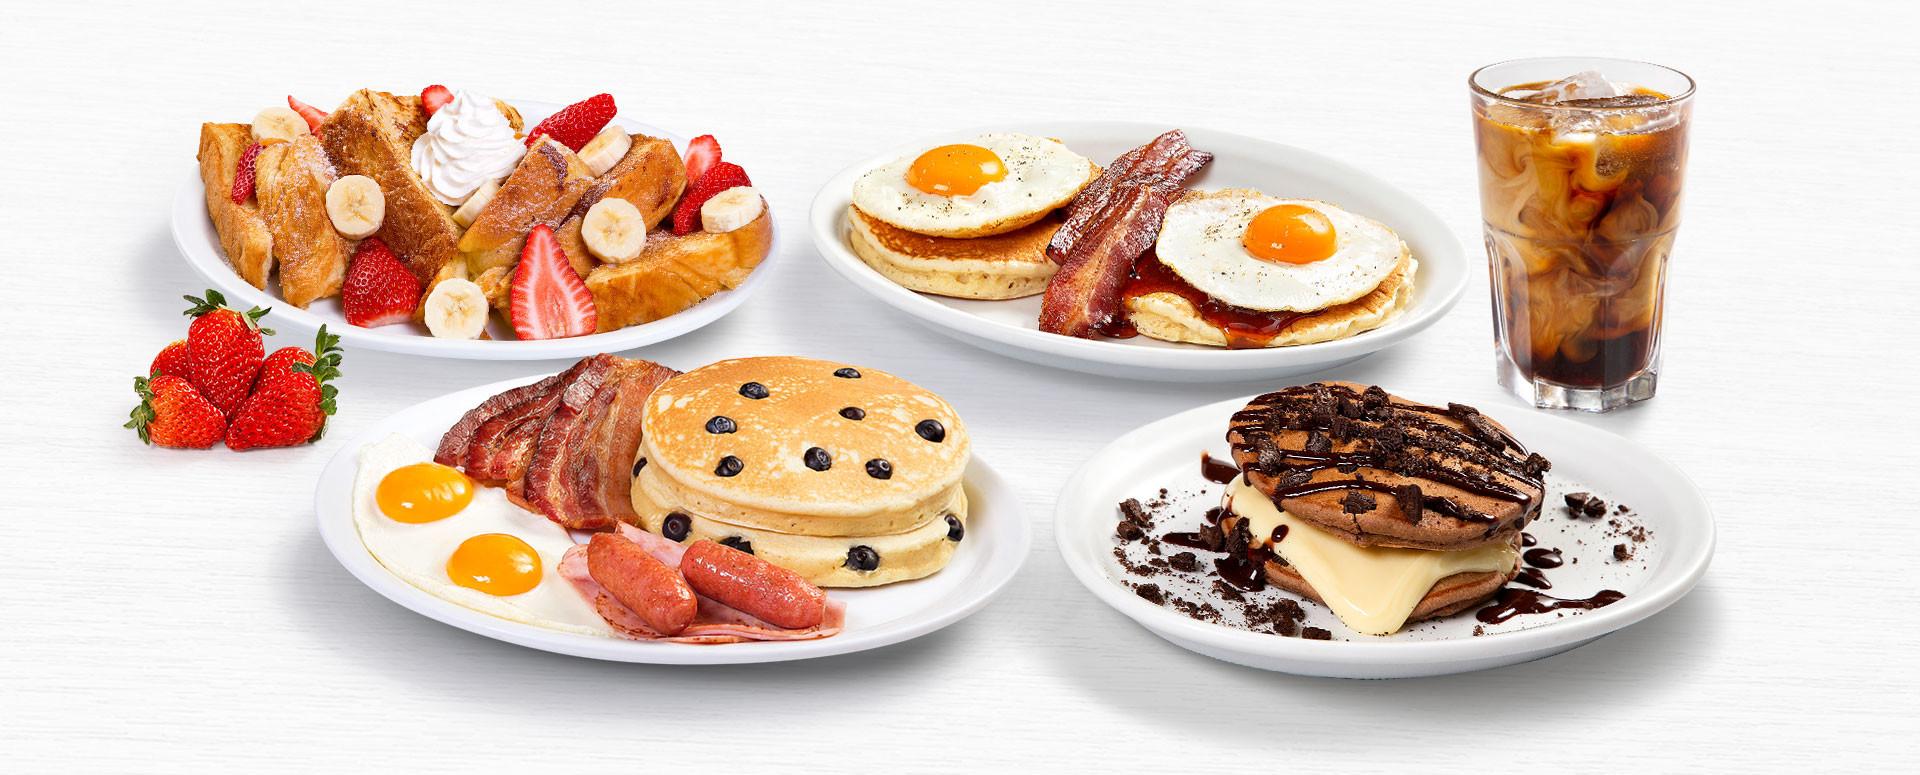 Achapa Hamburgers Breakfast